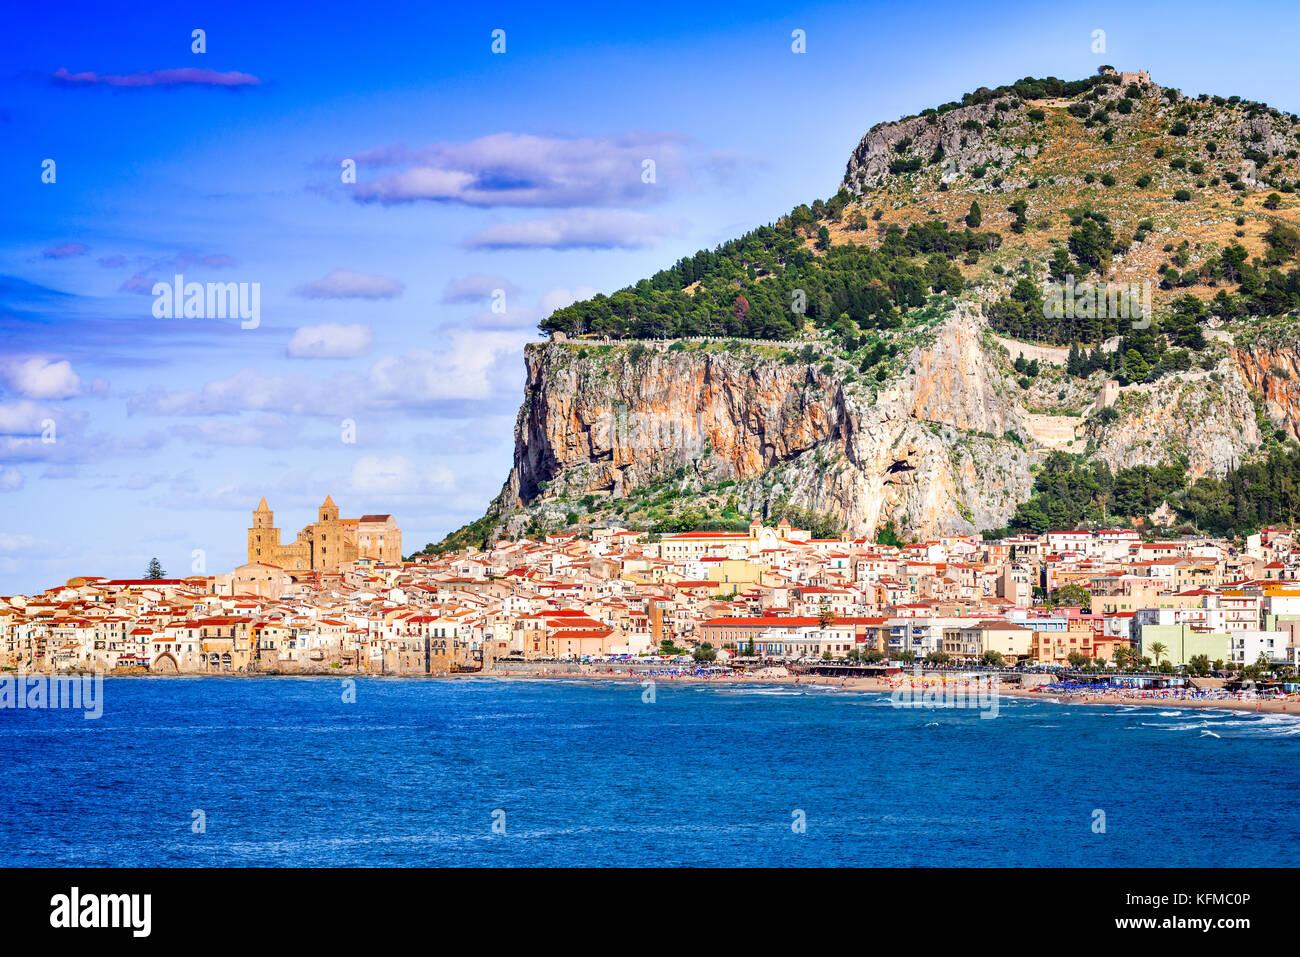 Cefalu, Sizilien. Ligurische Meer und mittelalterliche sizilianischen Stadt. Provinz Palermo, Italien. Stockbild